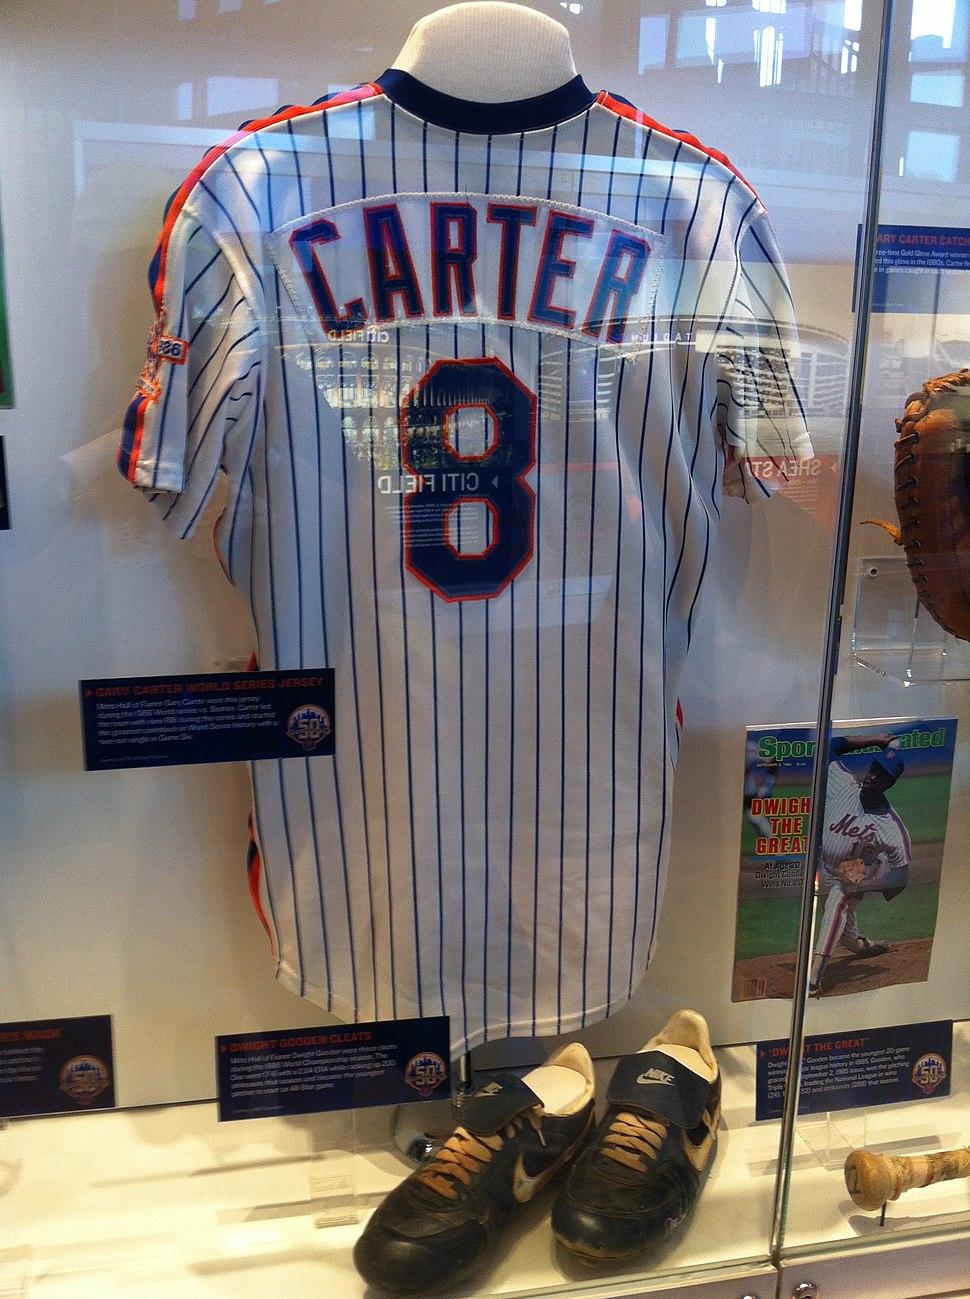 Gary Carter Mets jersey